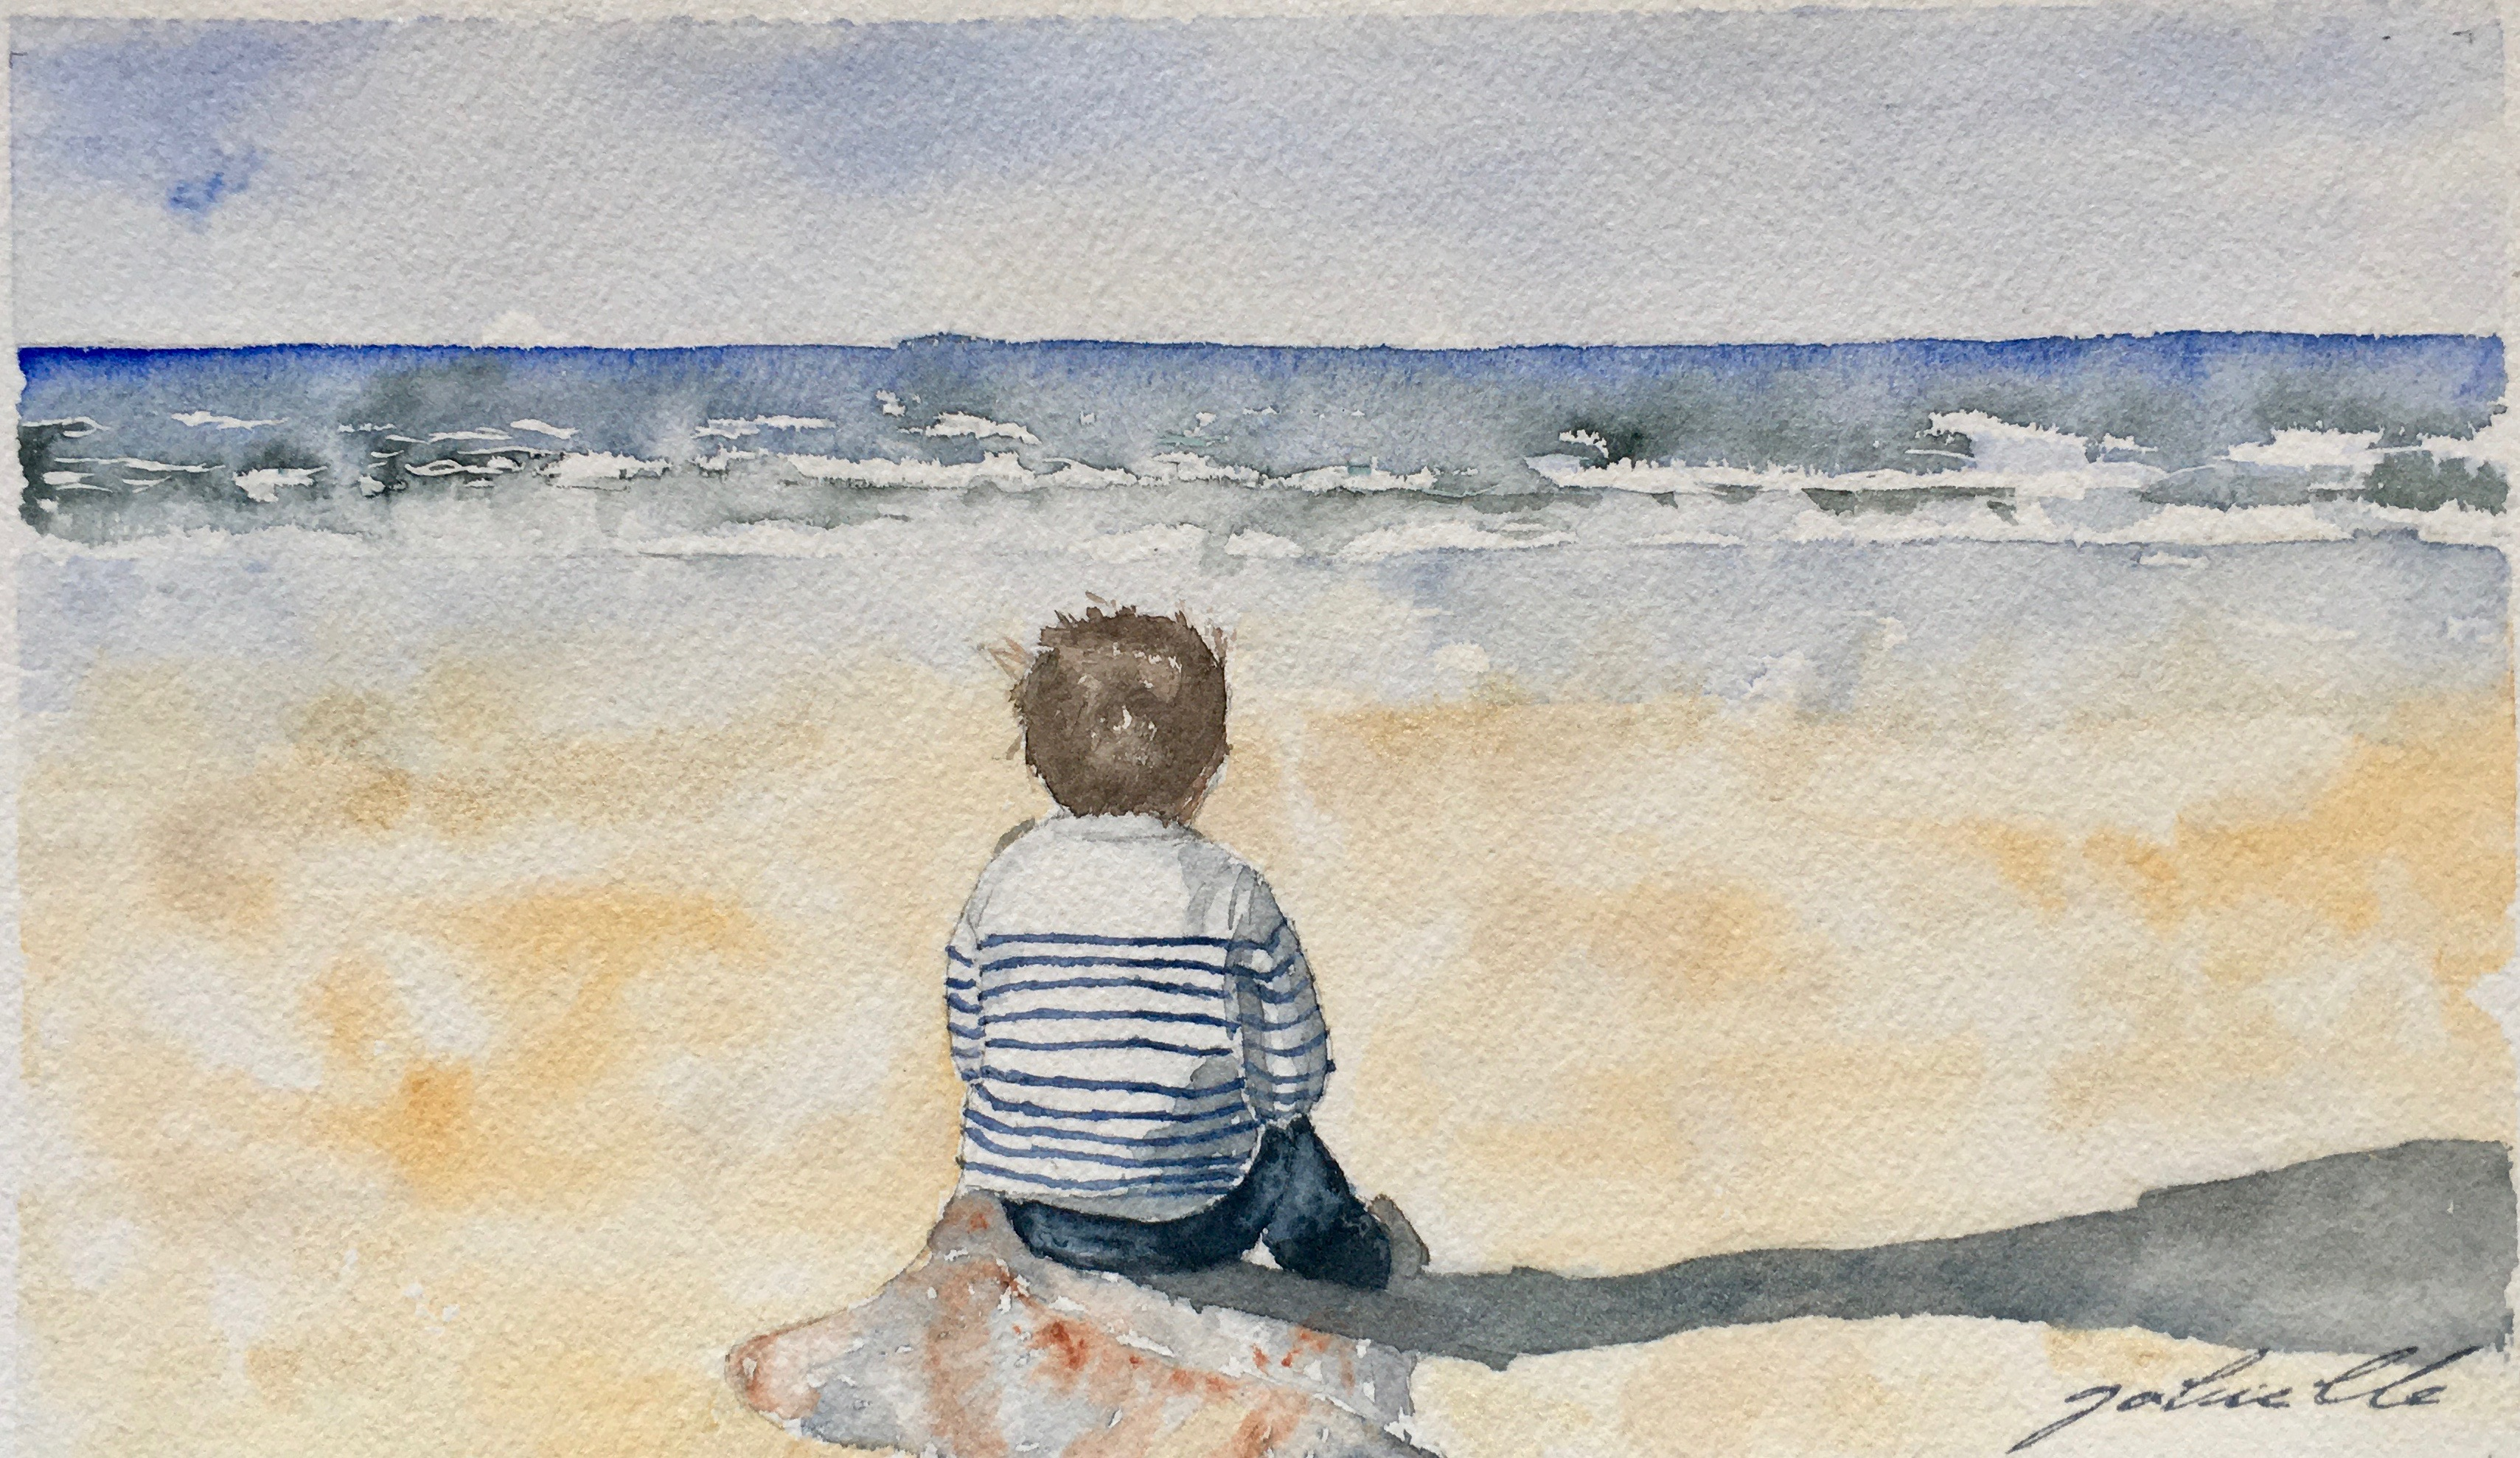 Petit bonhomme face à l'océan